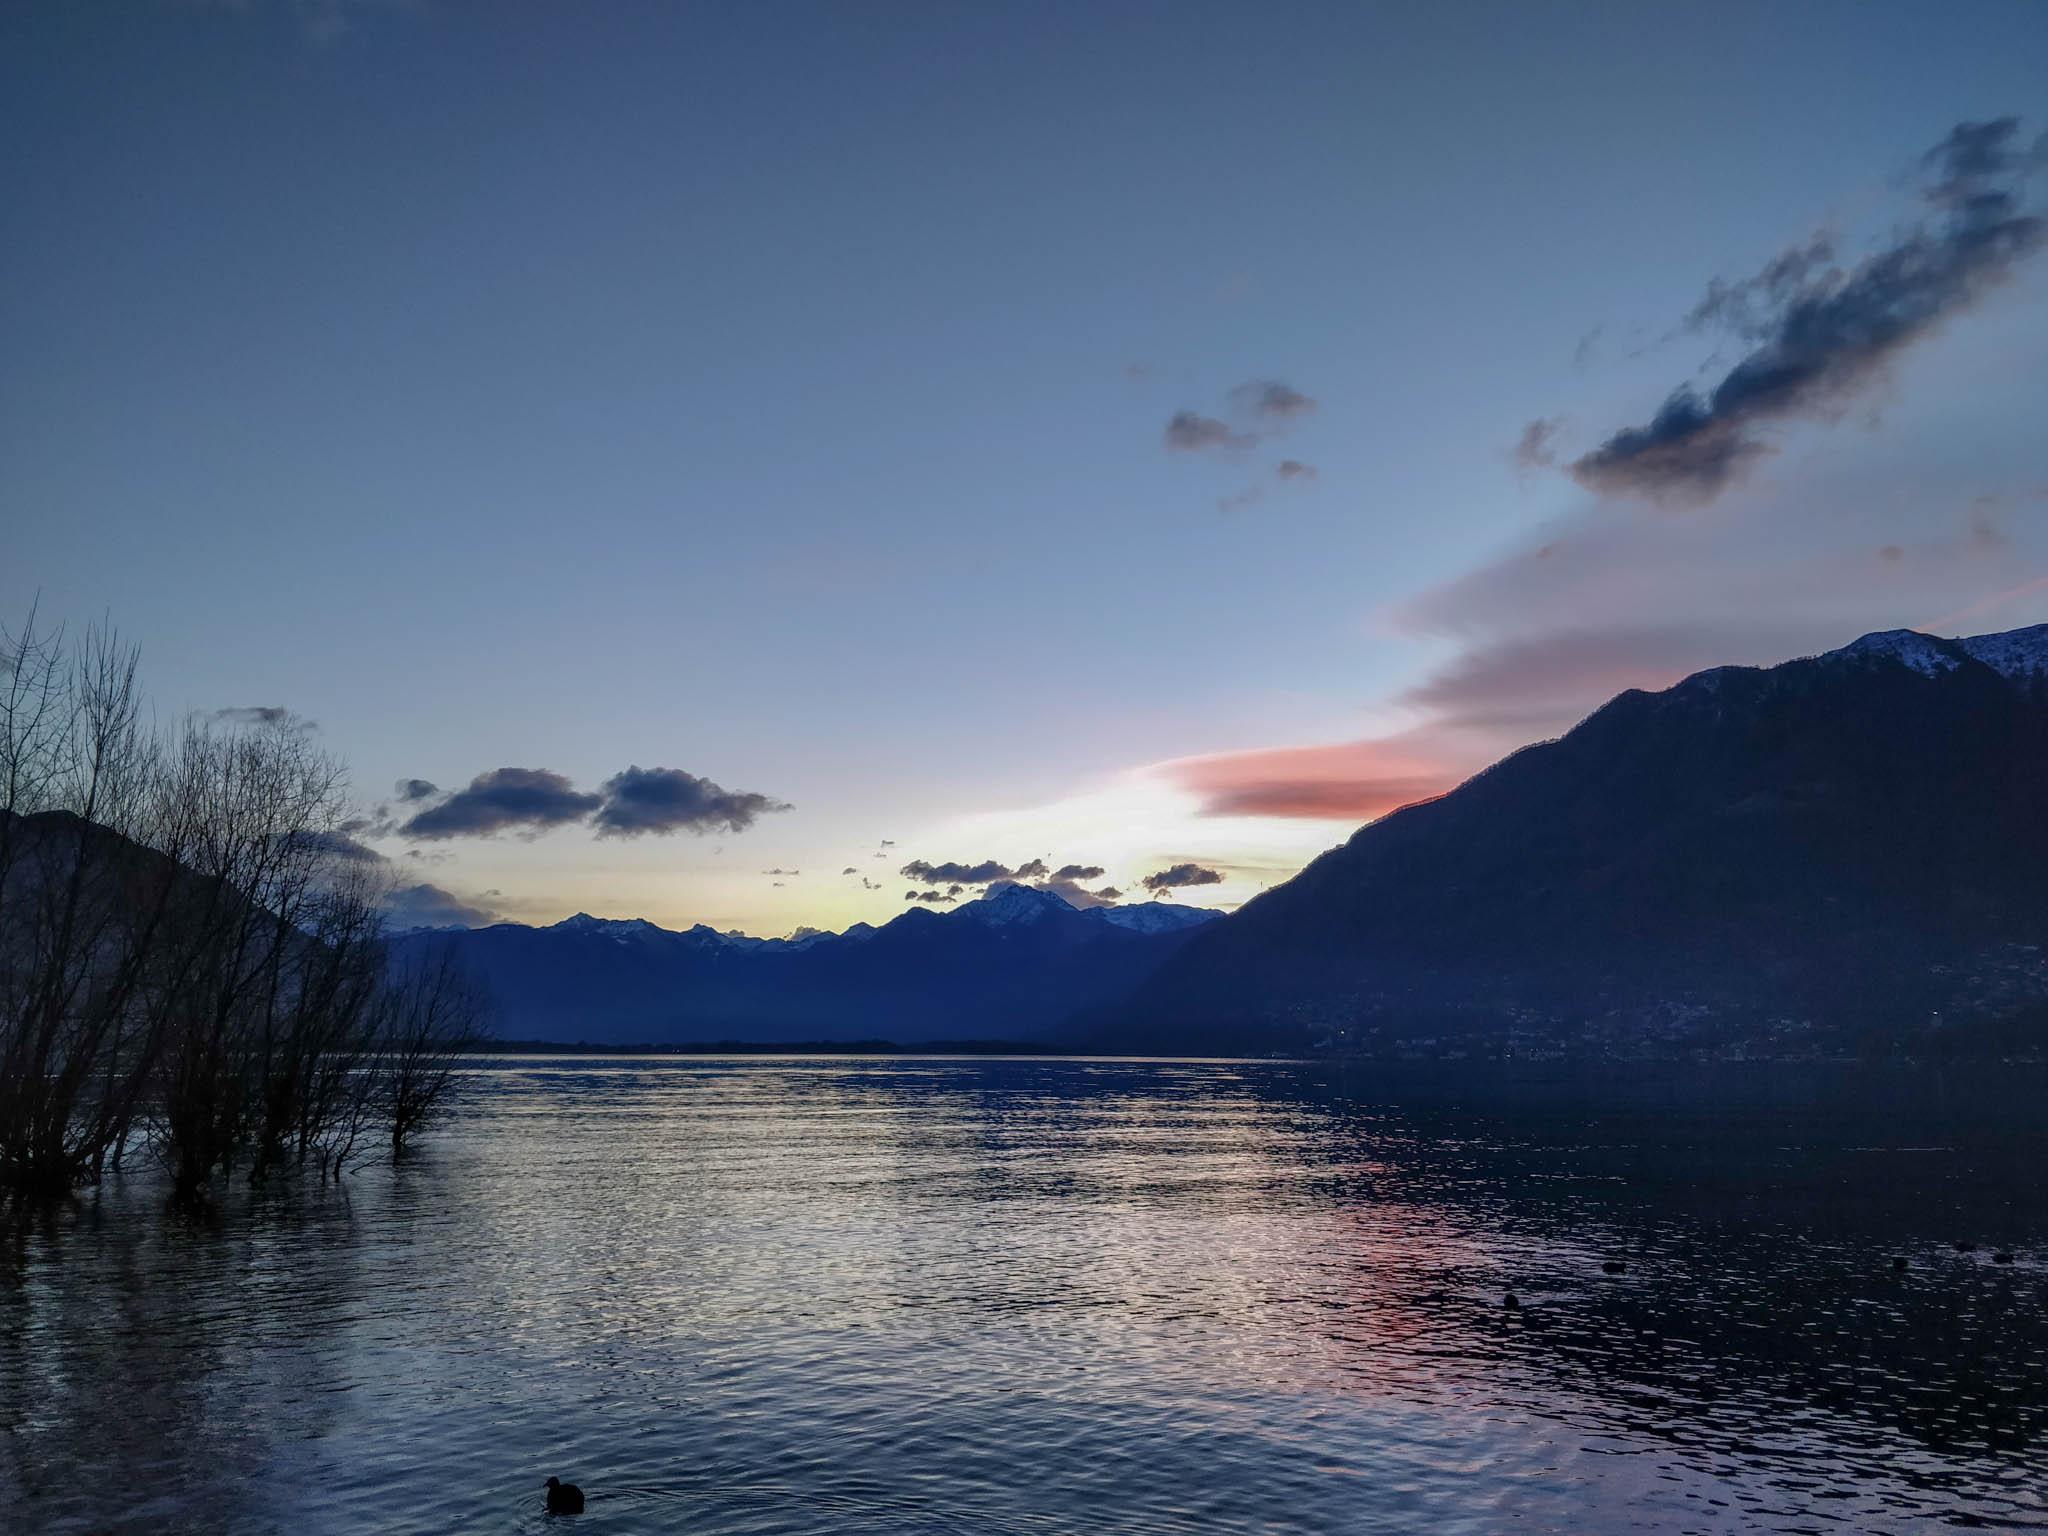 Ticino Jan 2019